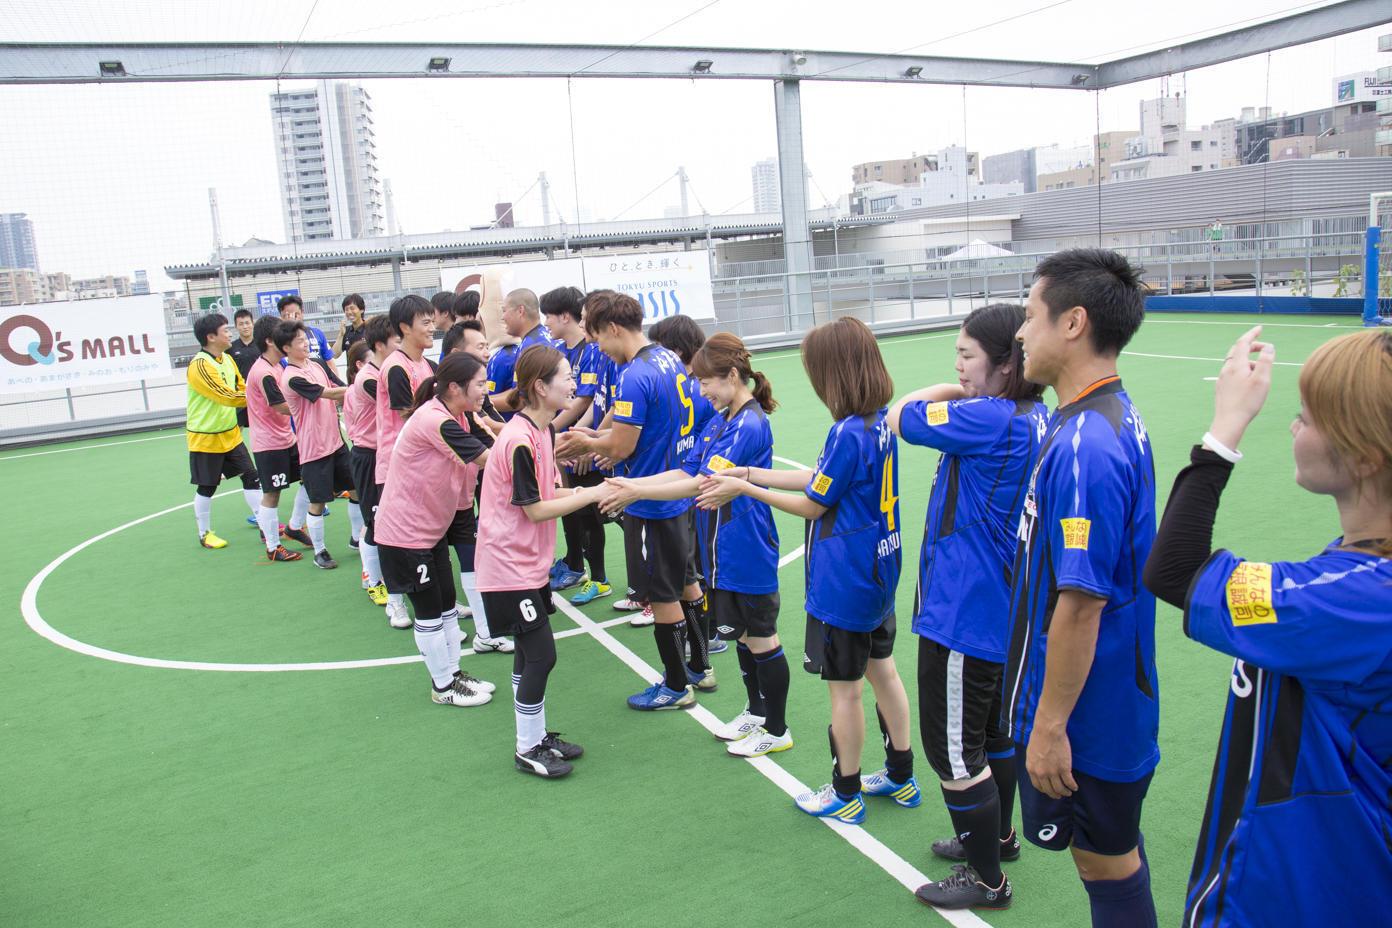 http://news.yoshimoto.co.jp/20170802174735-7e2b6bb19360fafac20f9380fe421a48af317f6f.jpg